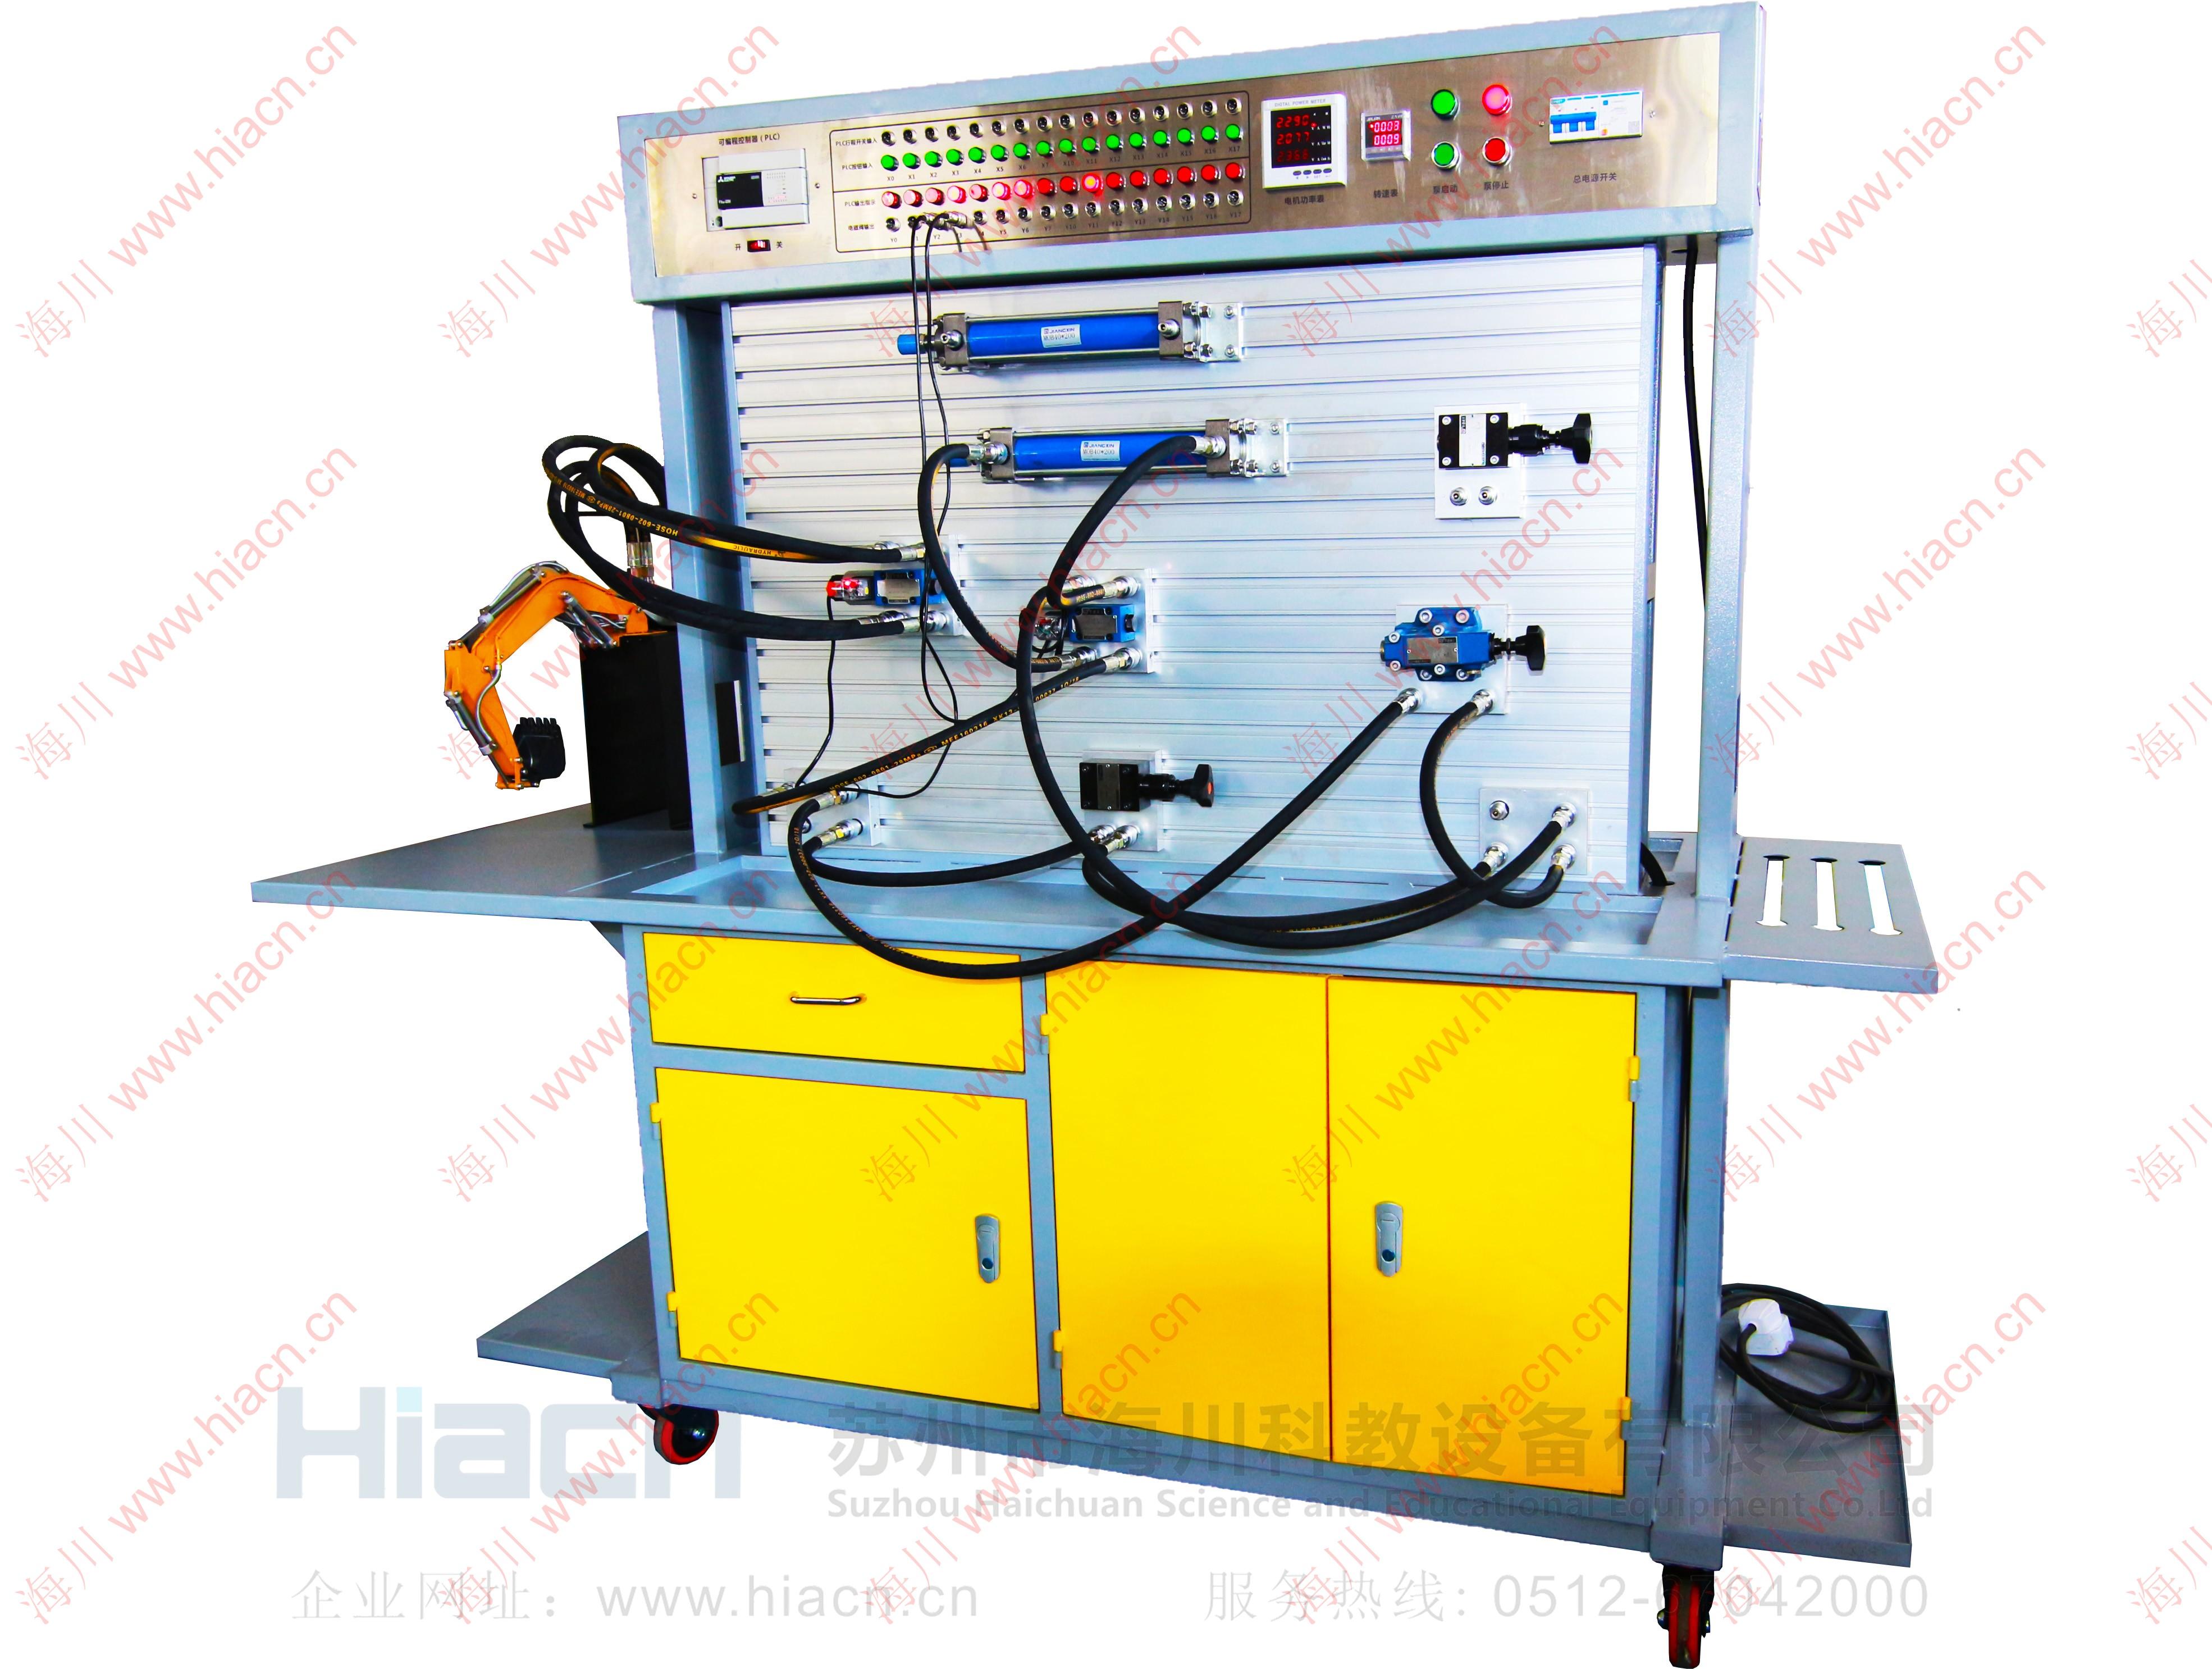 双面工业液压综合教学实验台产品图片